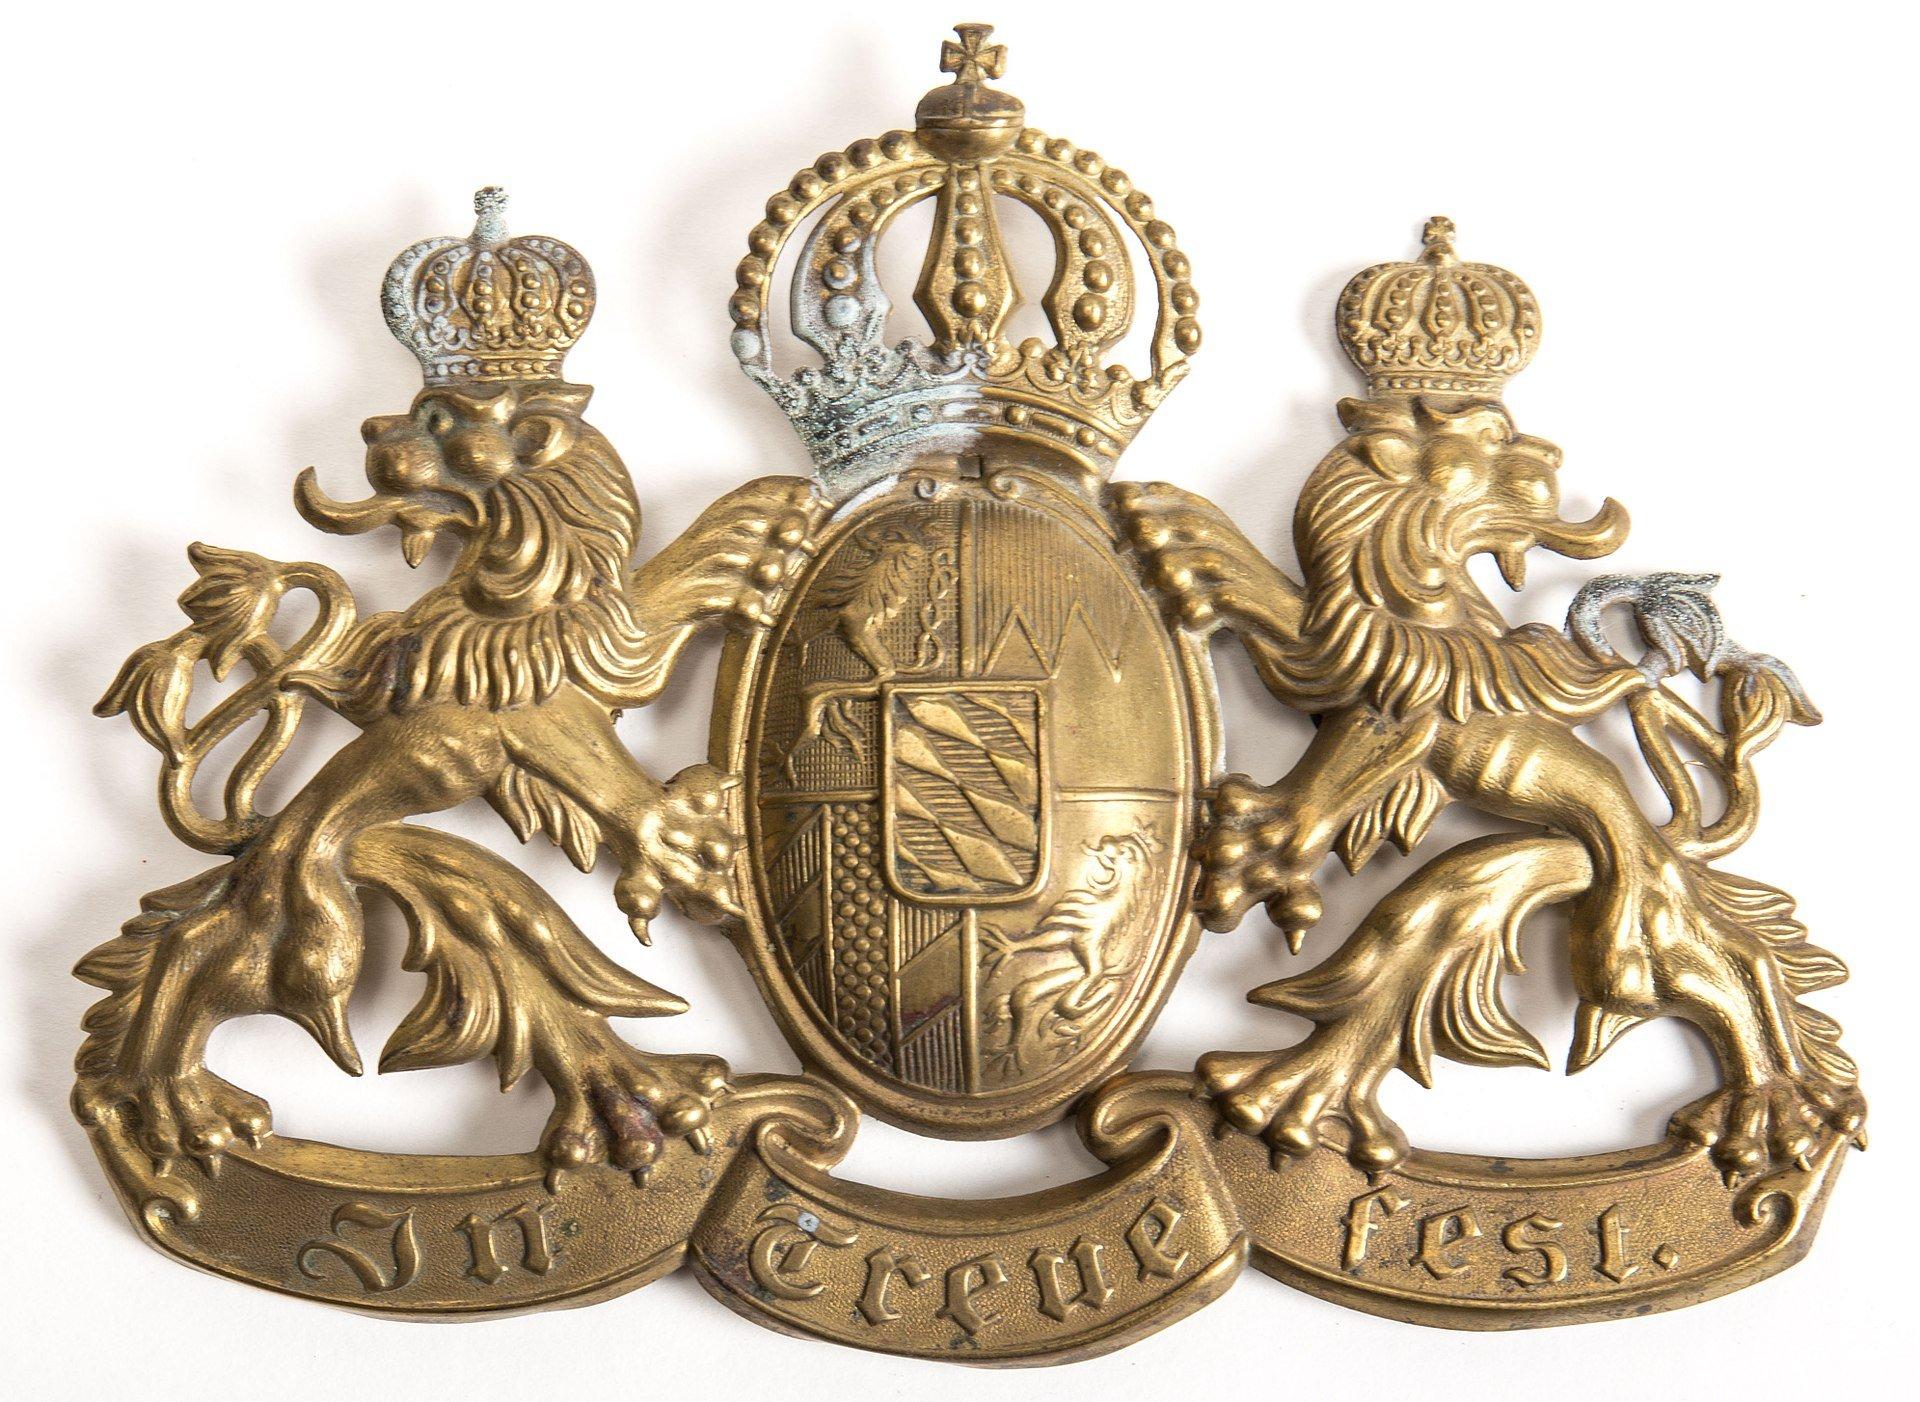 Helmplatte der Bayerischen Armee um 1914 mit dem Wahlspruch